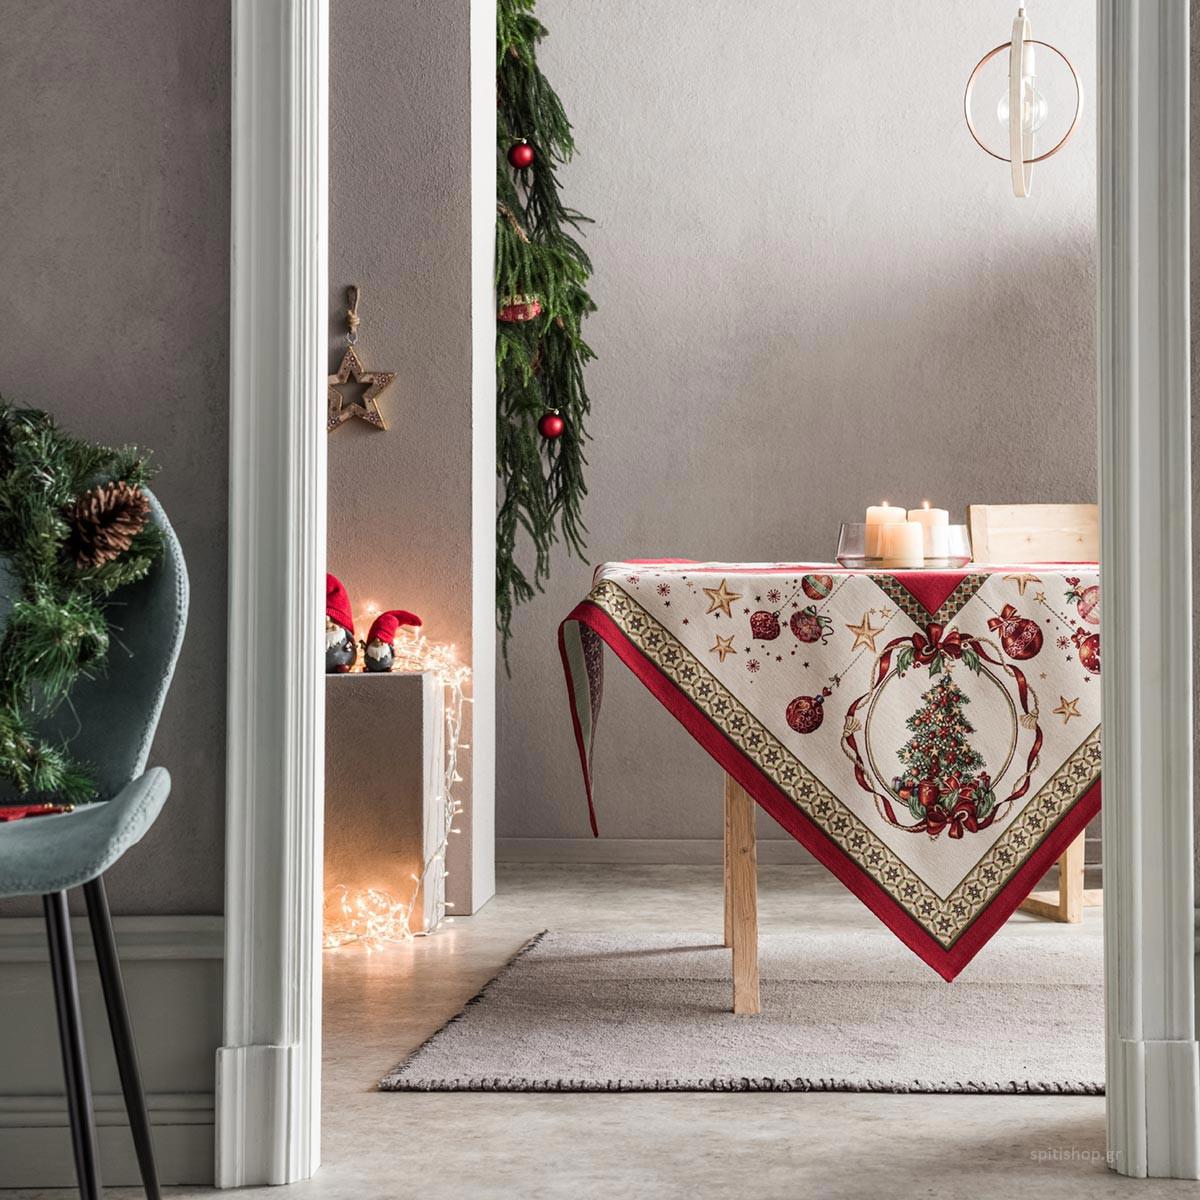 Χριστουγεννιάτικο Τραπεζομάντηλο (135×220) Gofis Home 693